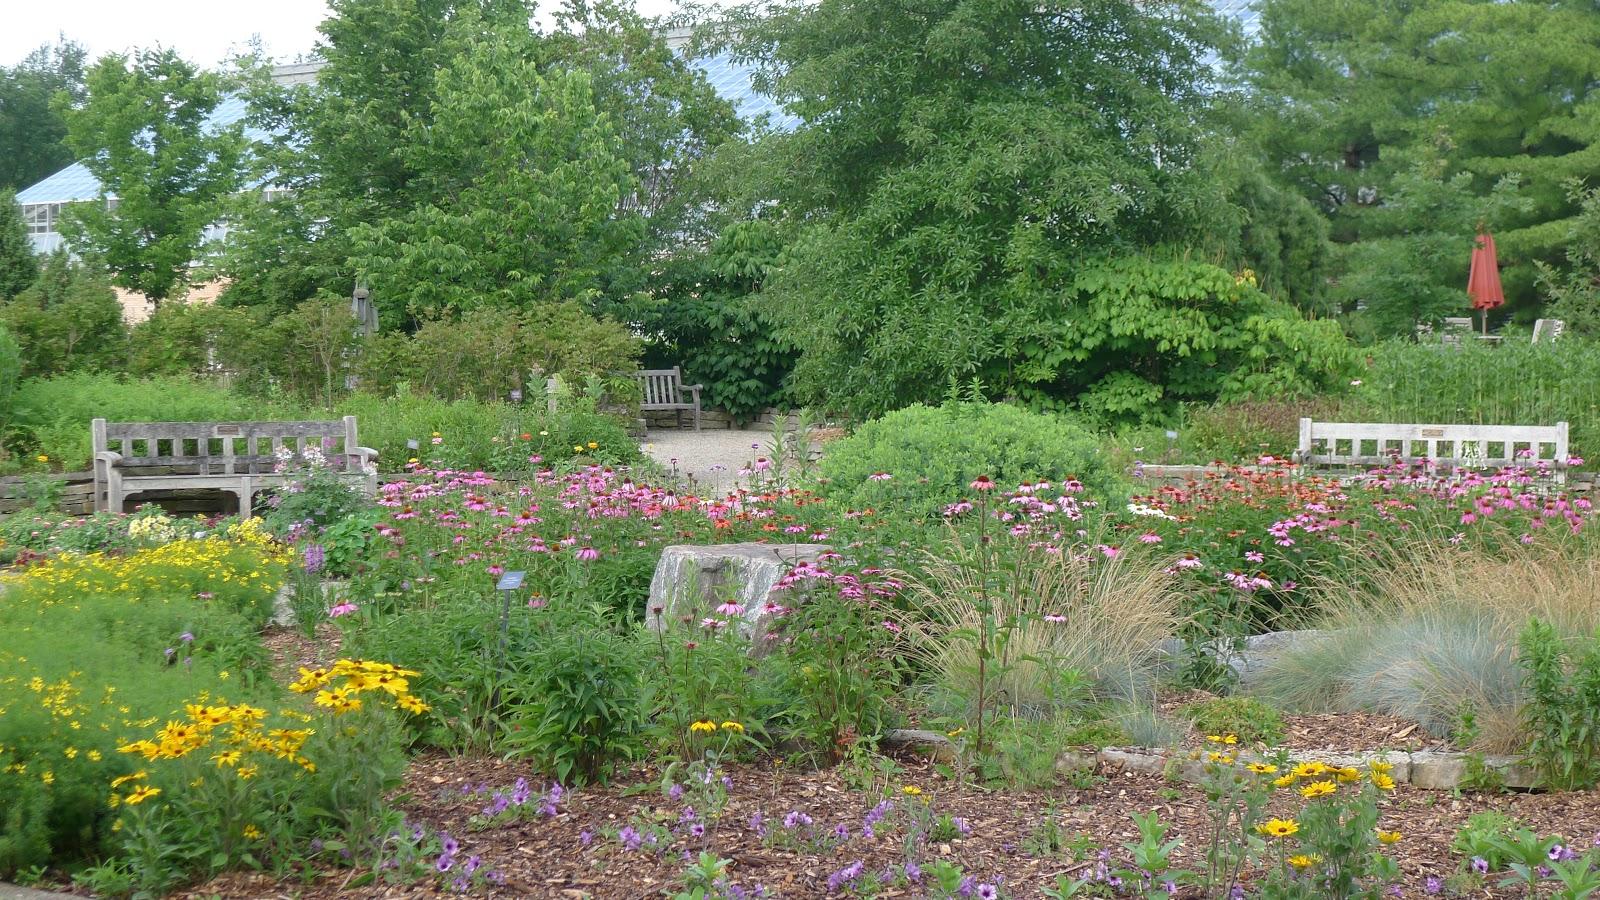 Earth words gateway garden at matthaei revs up its annual for Garden gateway